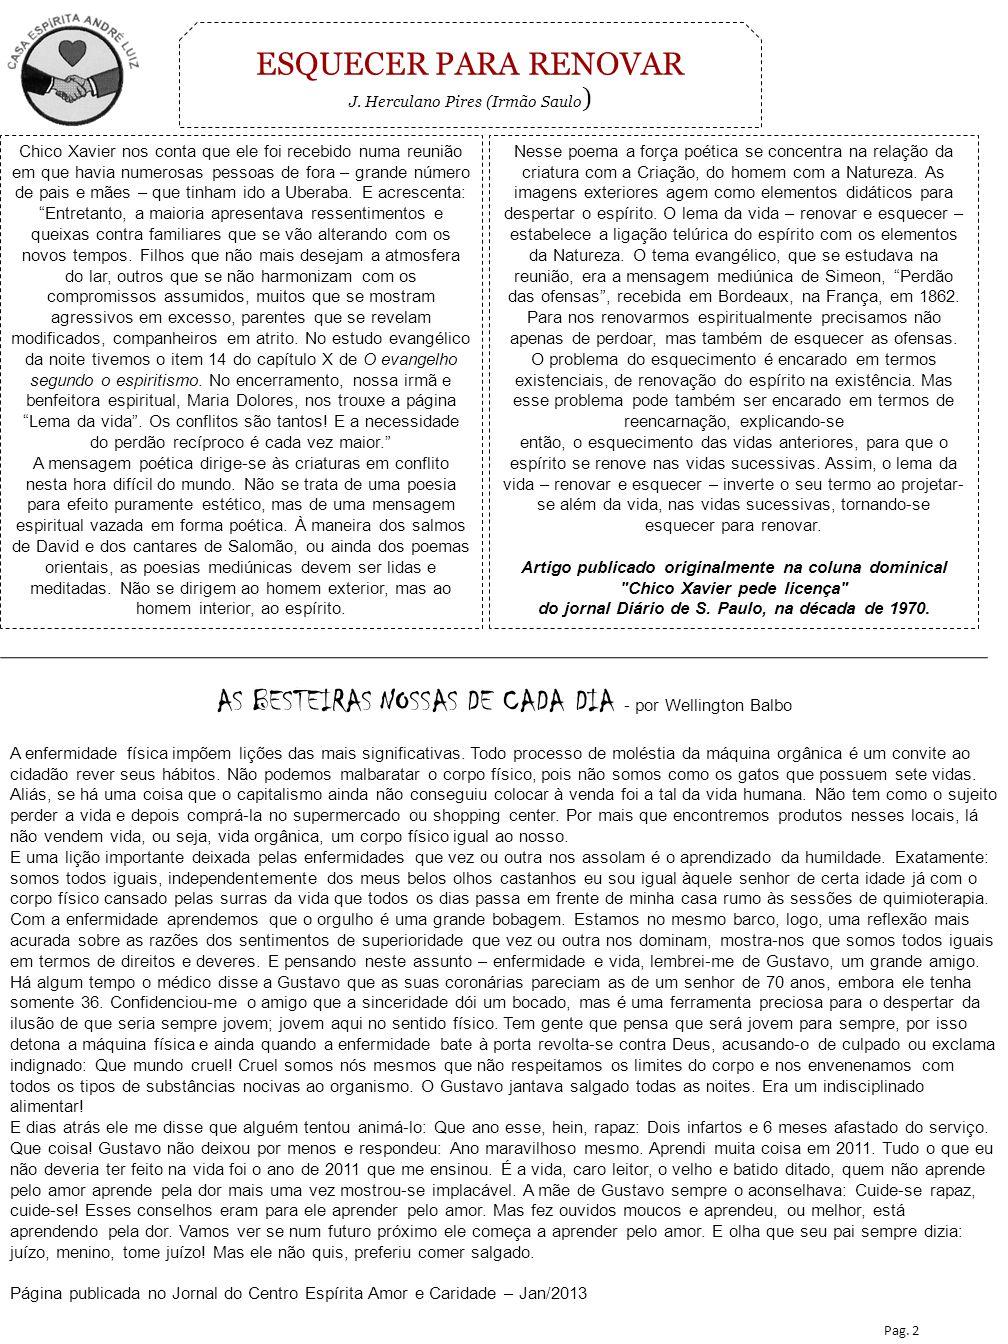 ESQUECER PARA RENOVAR J. Herculano Pires (Irmão Saulo)